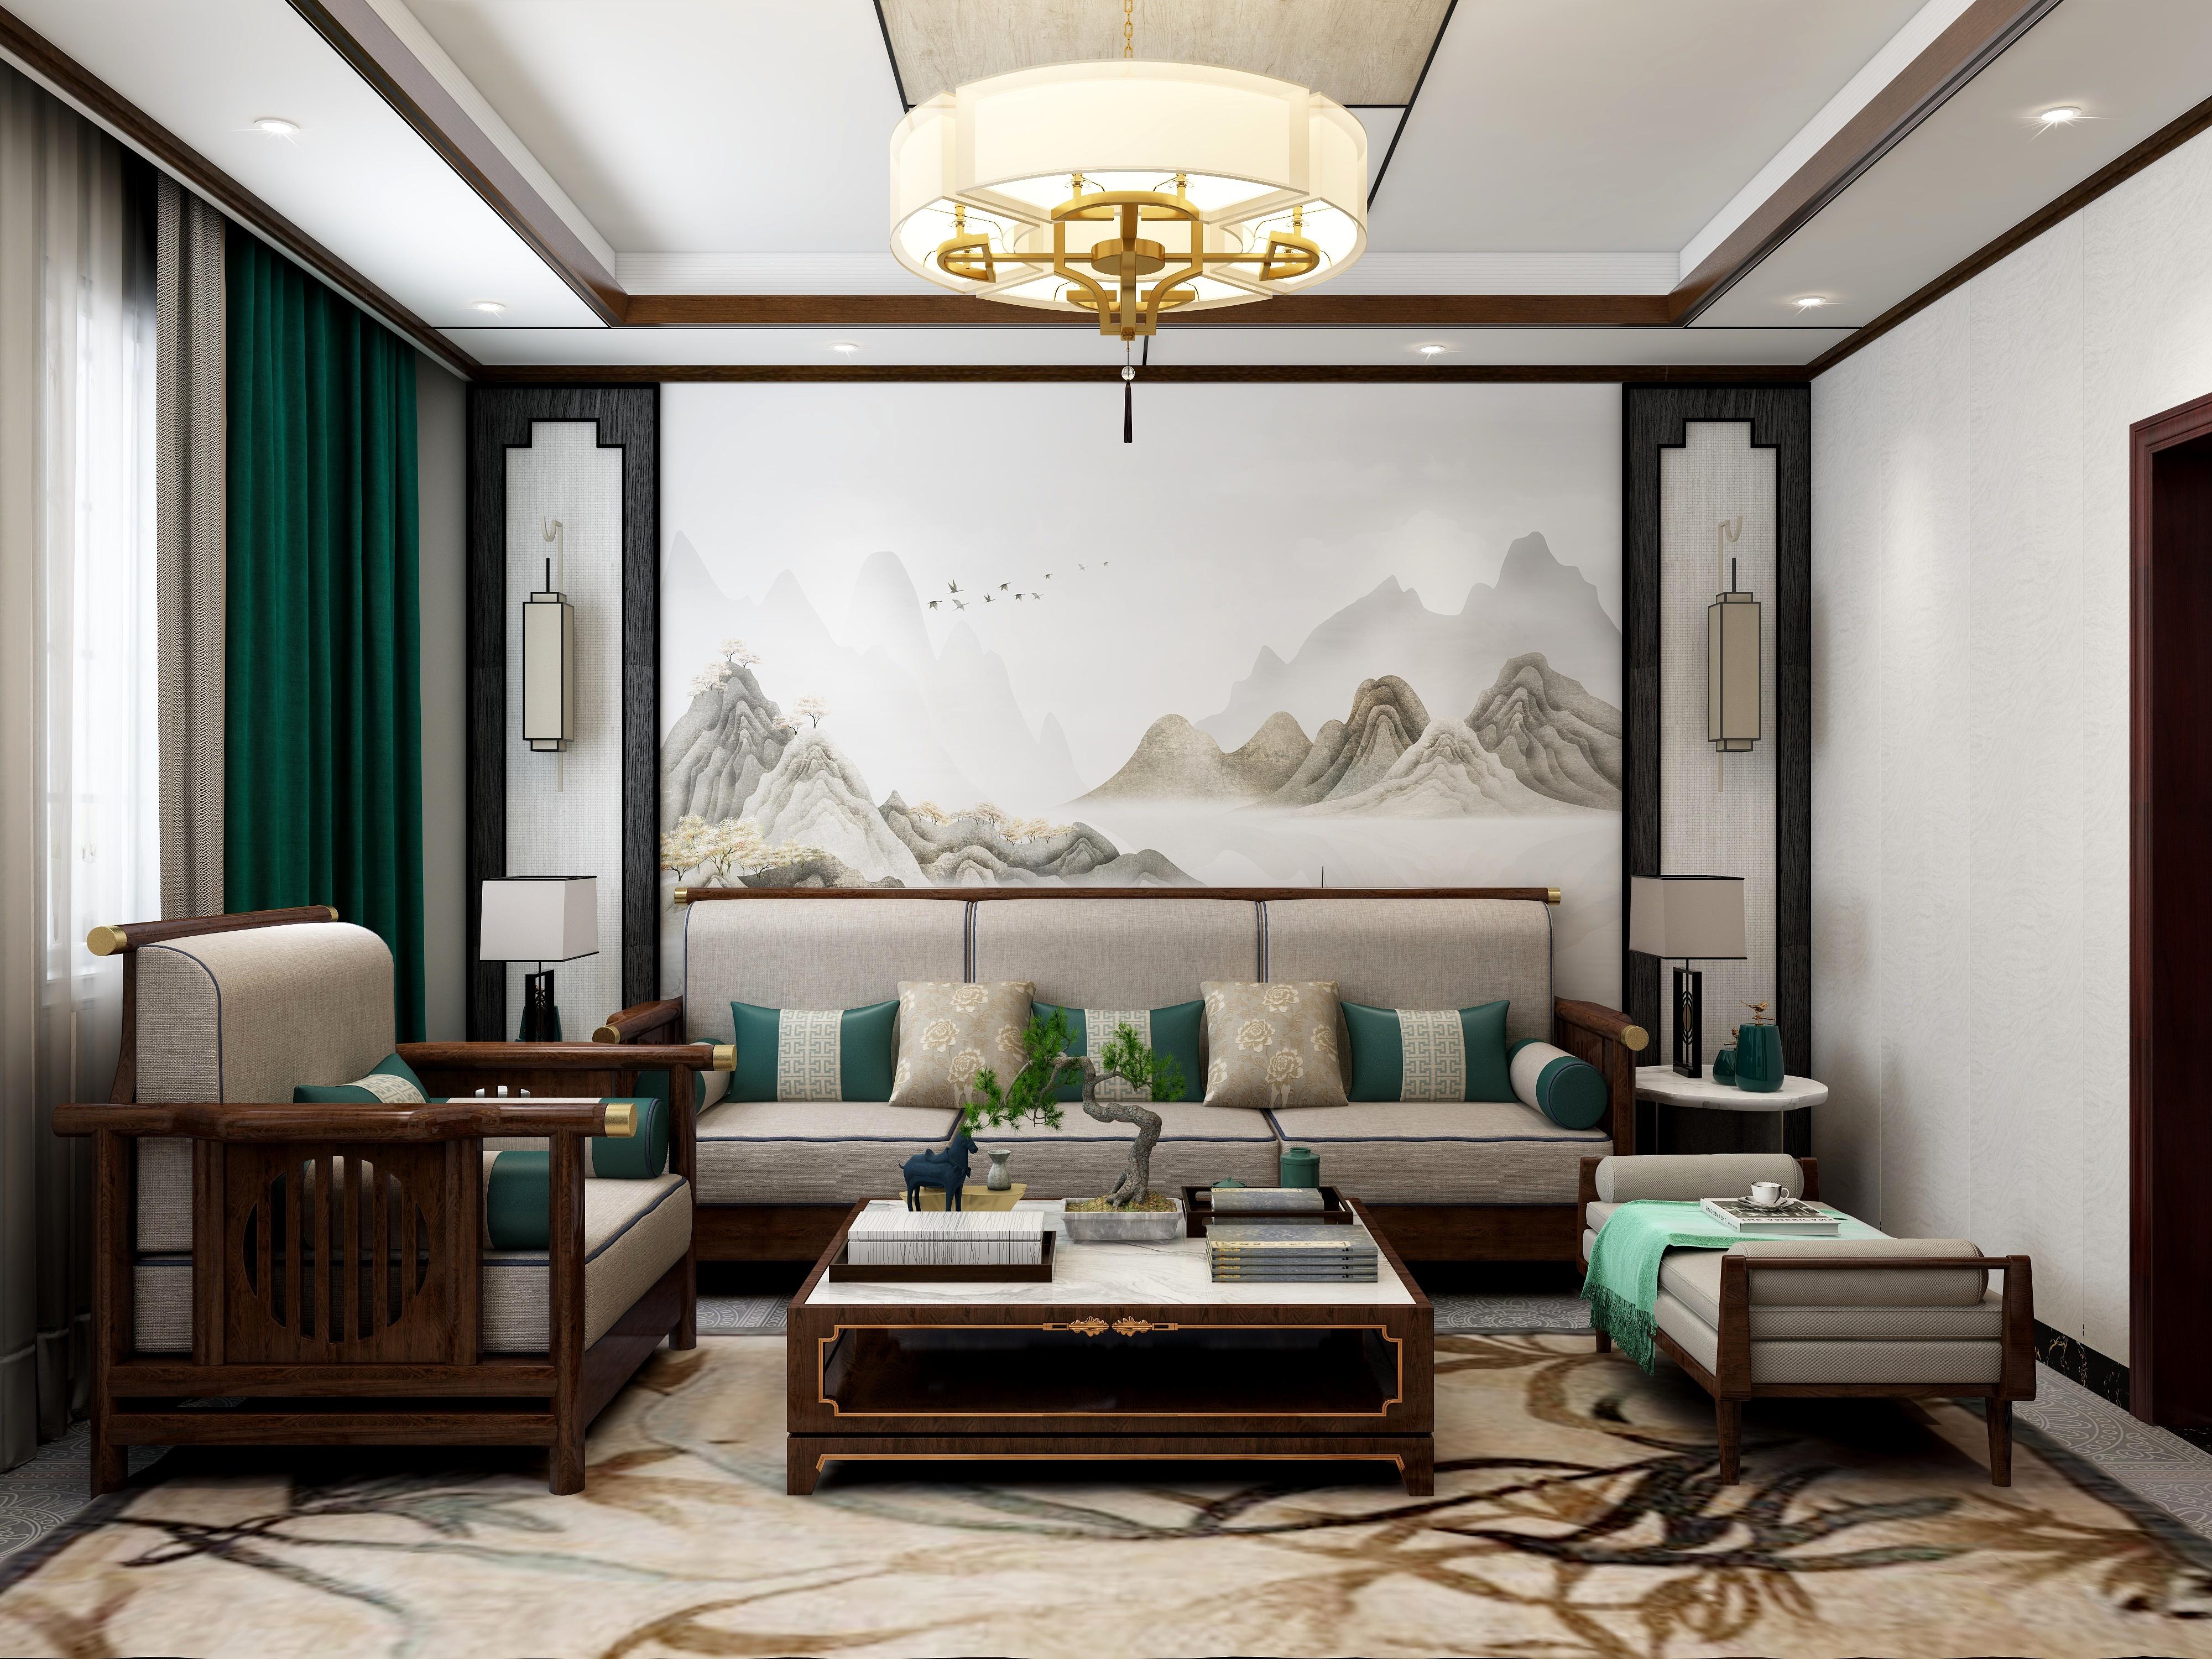 广东省-惠州市博罗-新中式风格